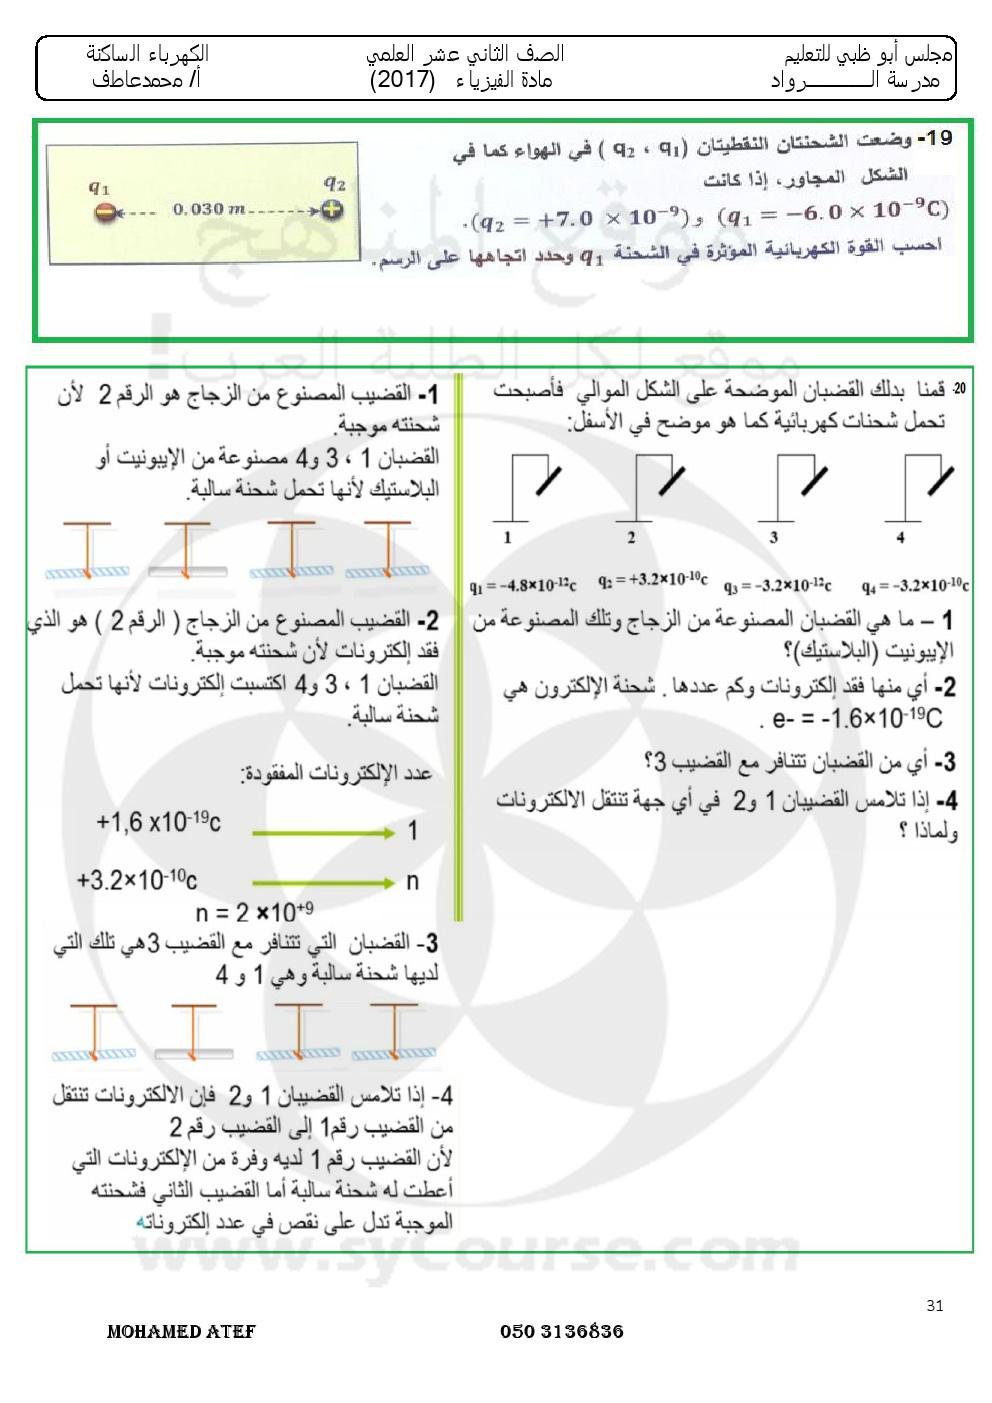 ملخص وحل الشحنة والقوة 2017 الصف الثاني عشر فيزياء الفصل